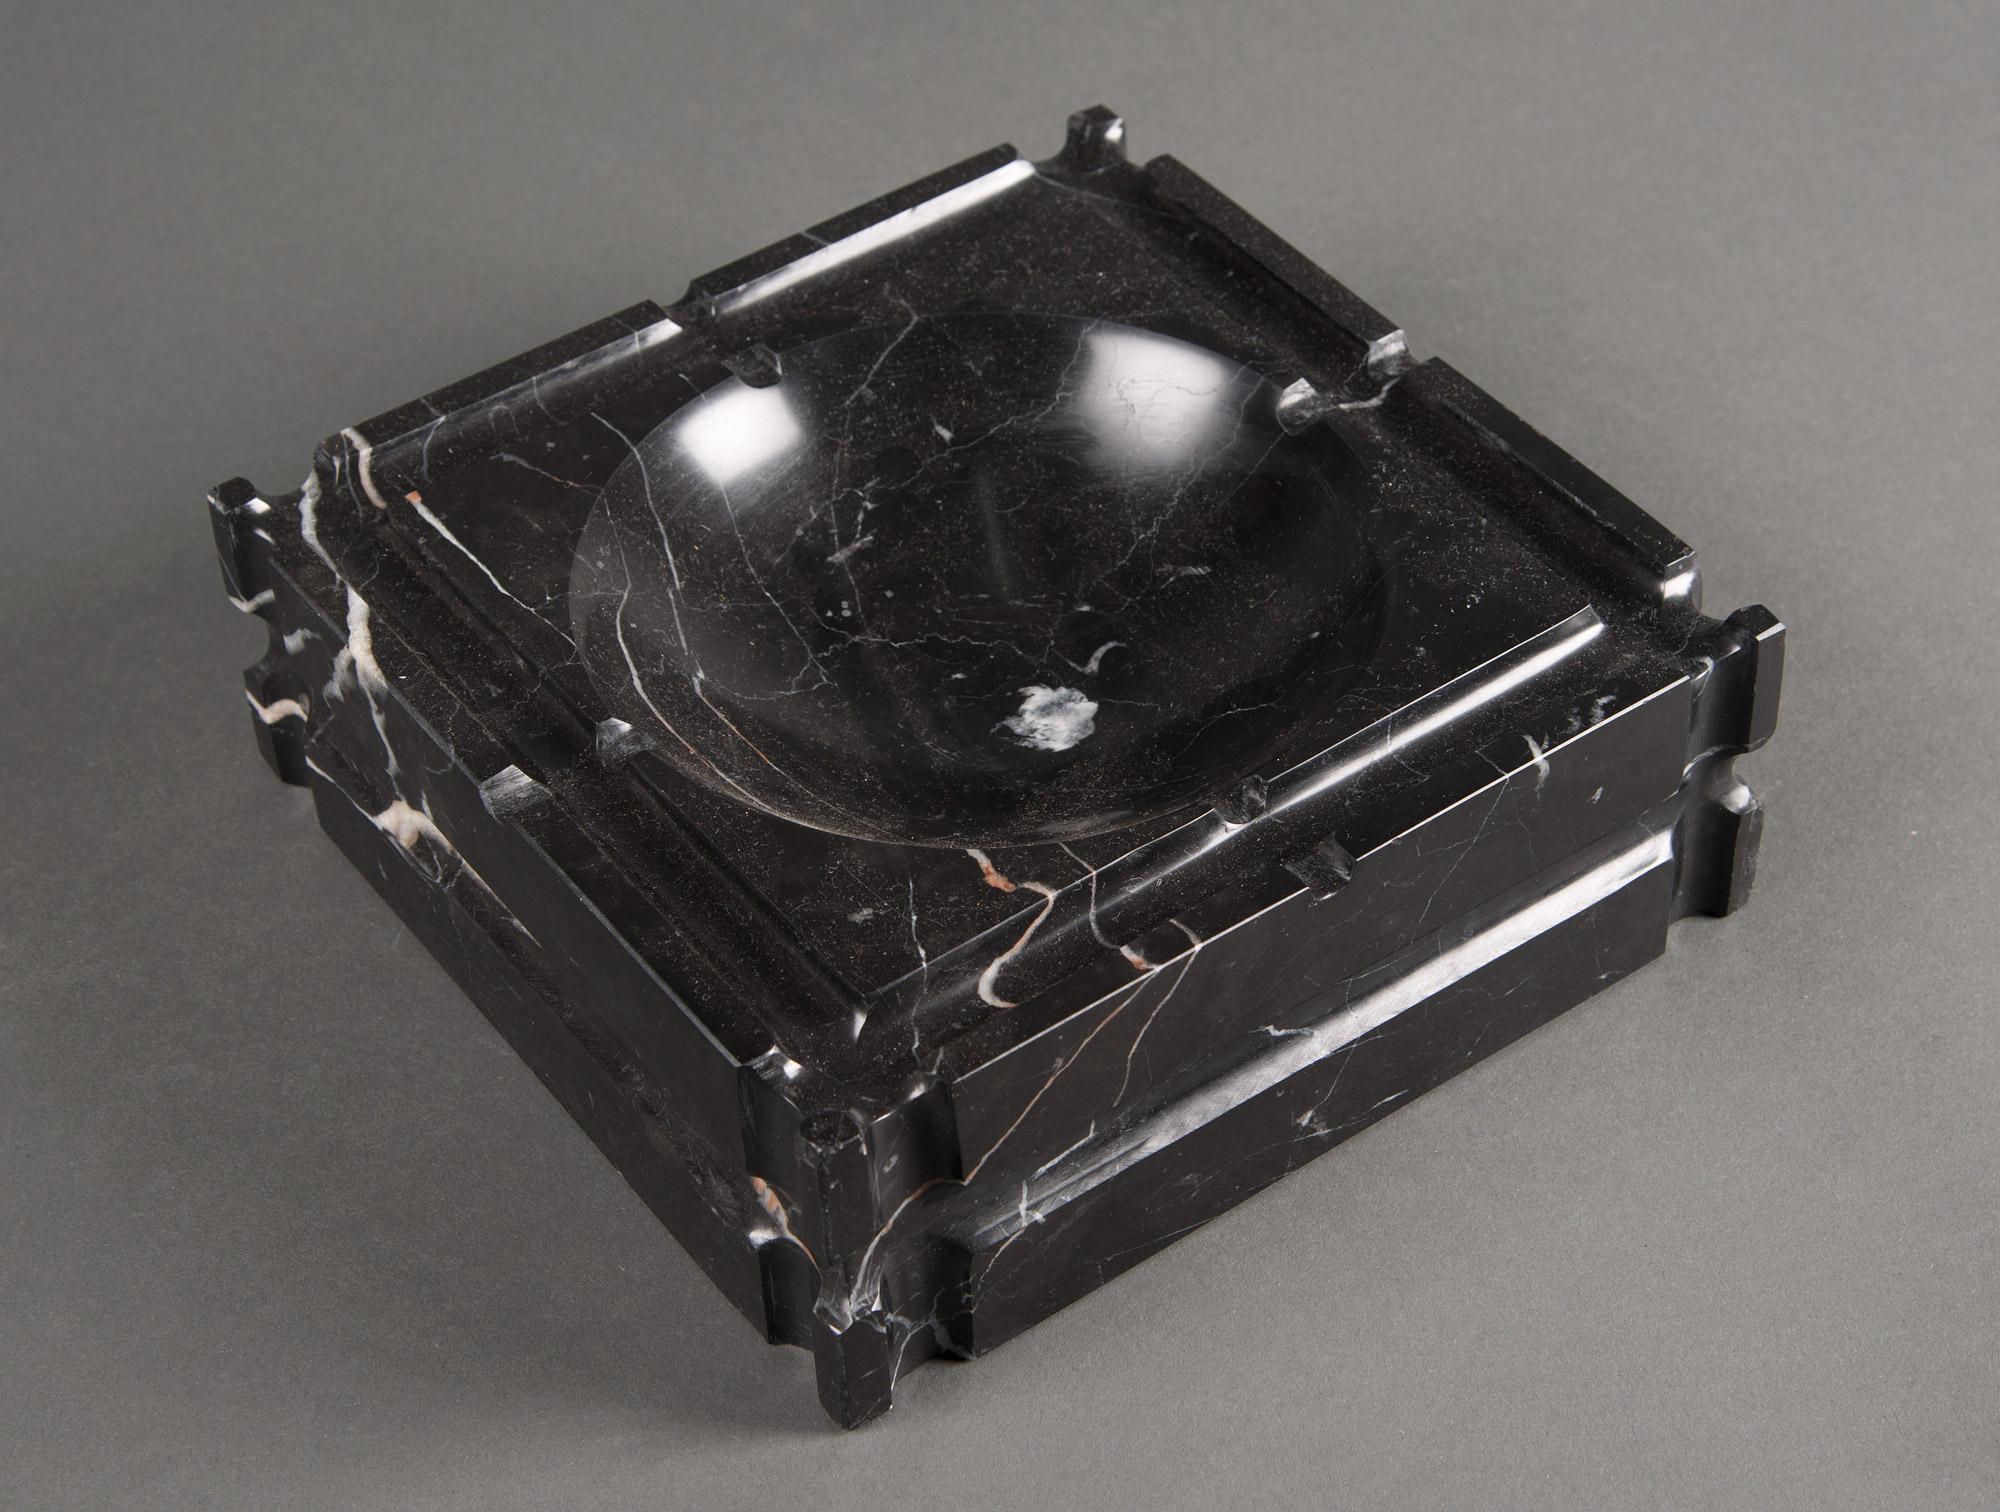 cendrier en marbre noir soubrier louer accessoires acc de bureau contemporain. Black Bedroom Furniture Sets. Home Design Ideas